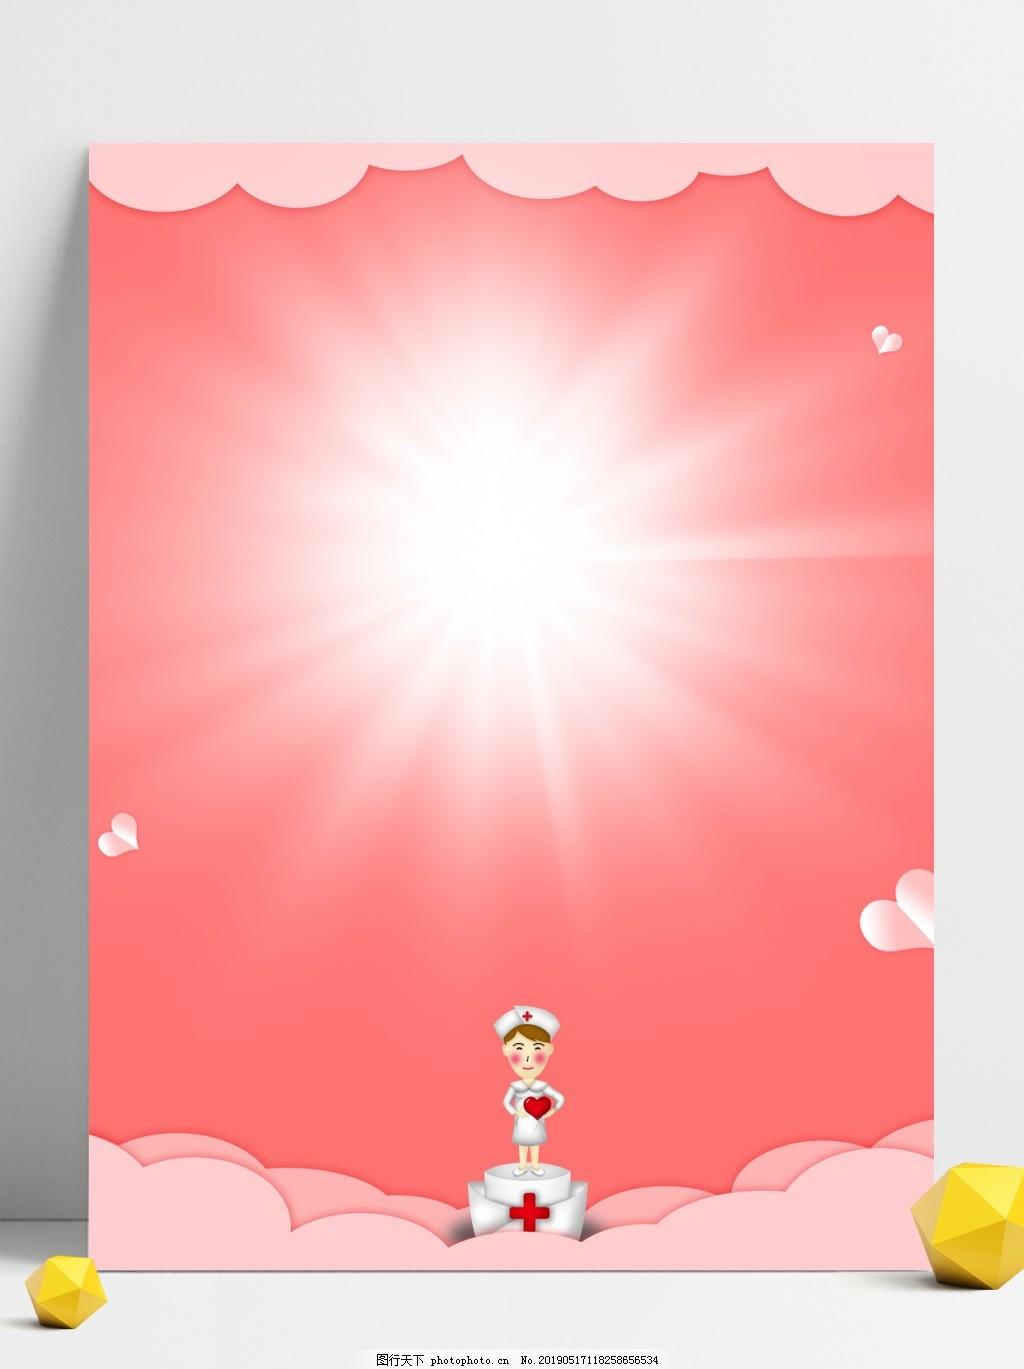 剪纸风护士节背景设计,剪纸背景,红十字,白衣天使,爱心,手绘背景,通用背景